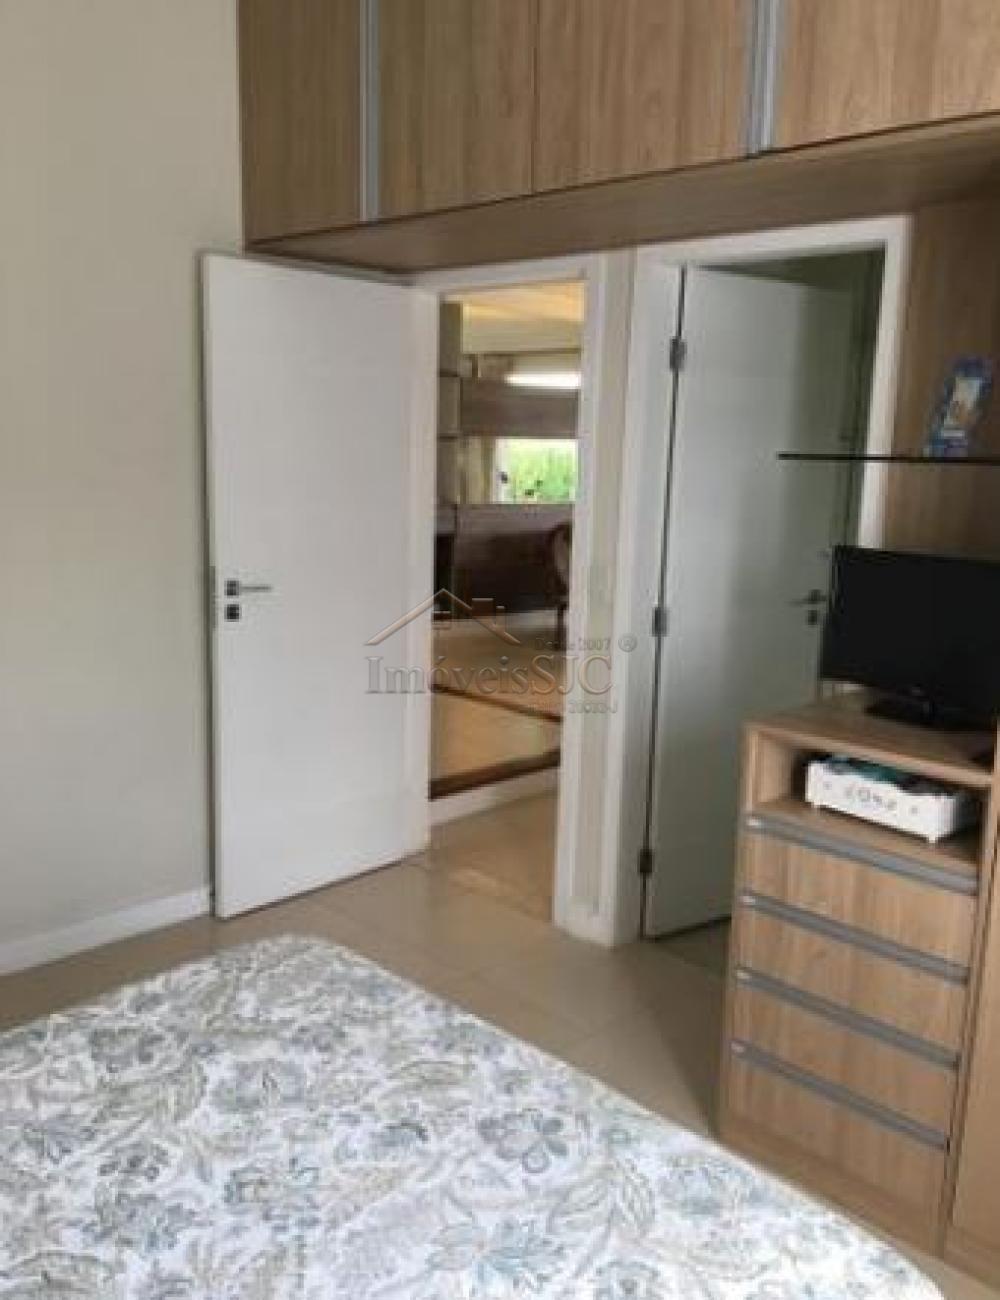 Comprar Casas / Condomínio em Jacareí apenas R$ 2.150.000,00 - Foto 7